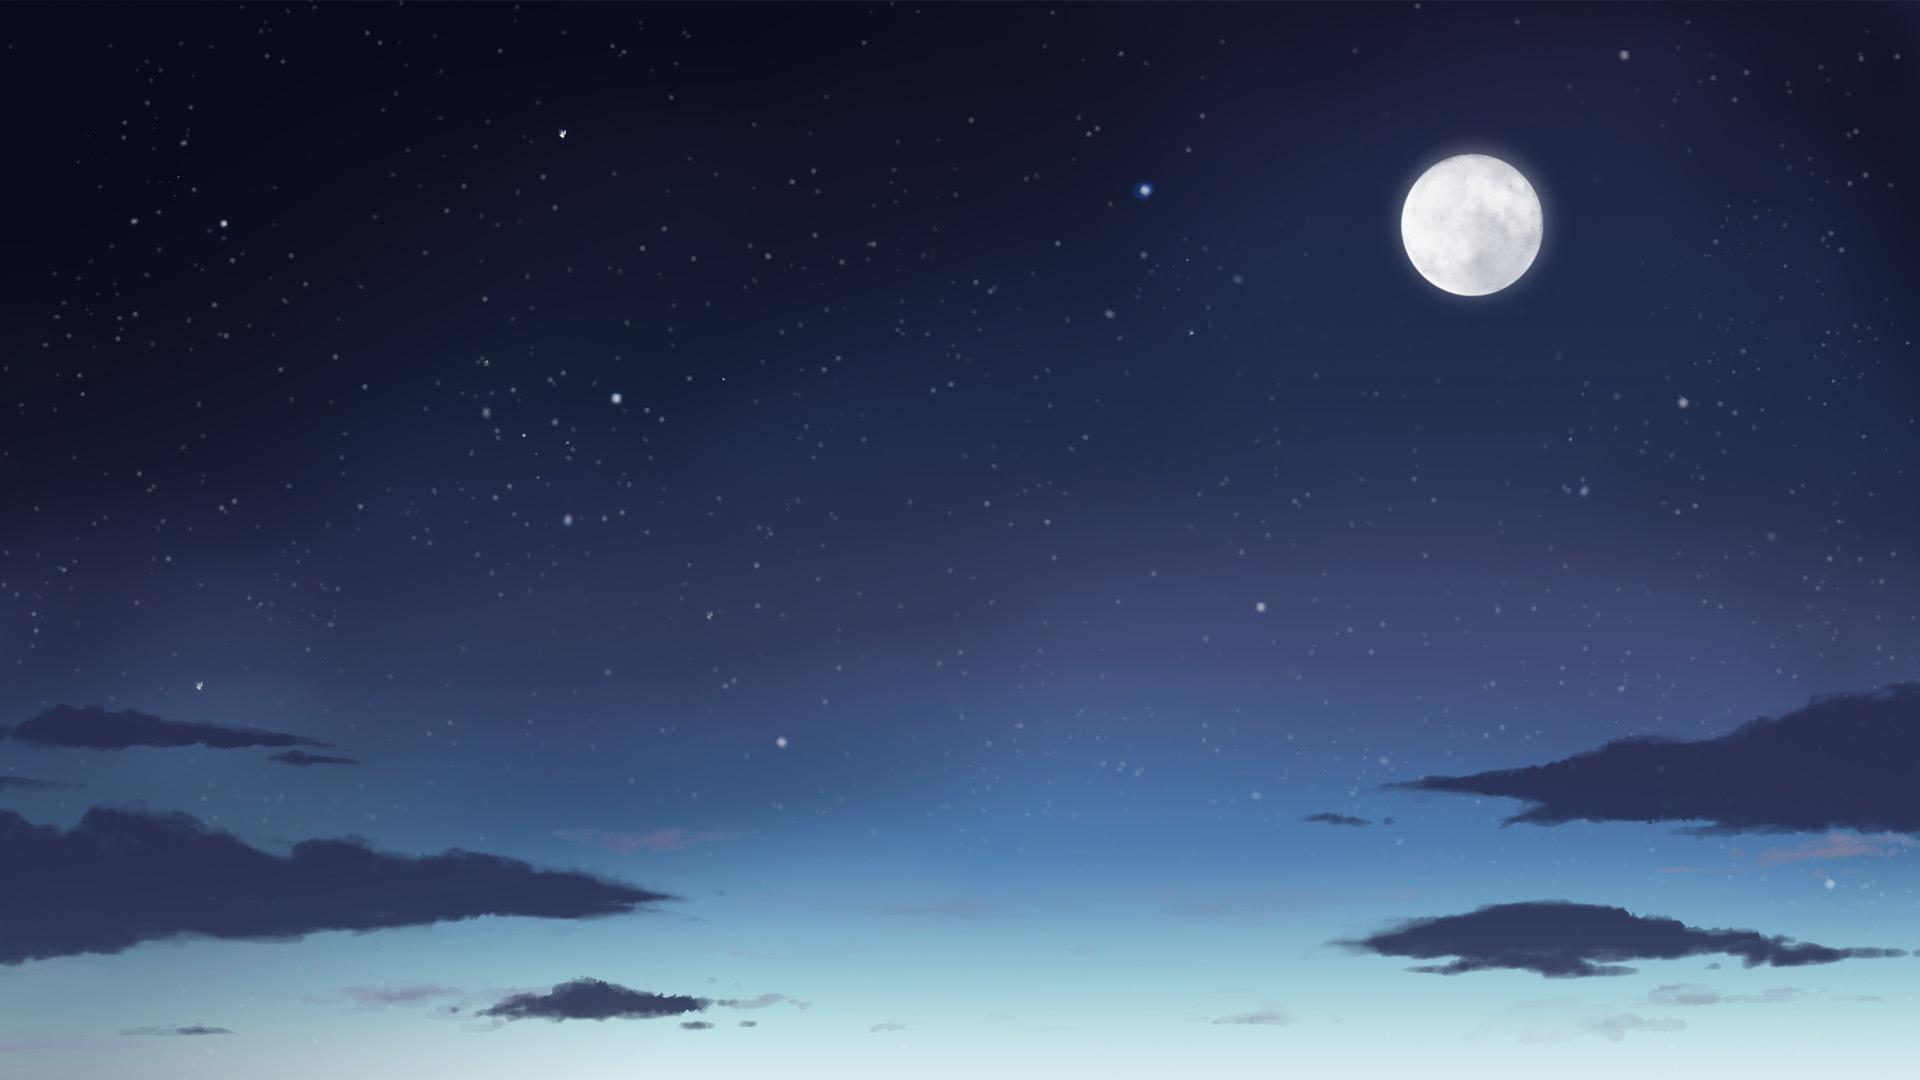 夜空1920*1080